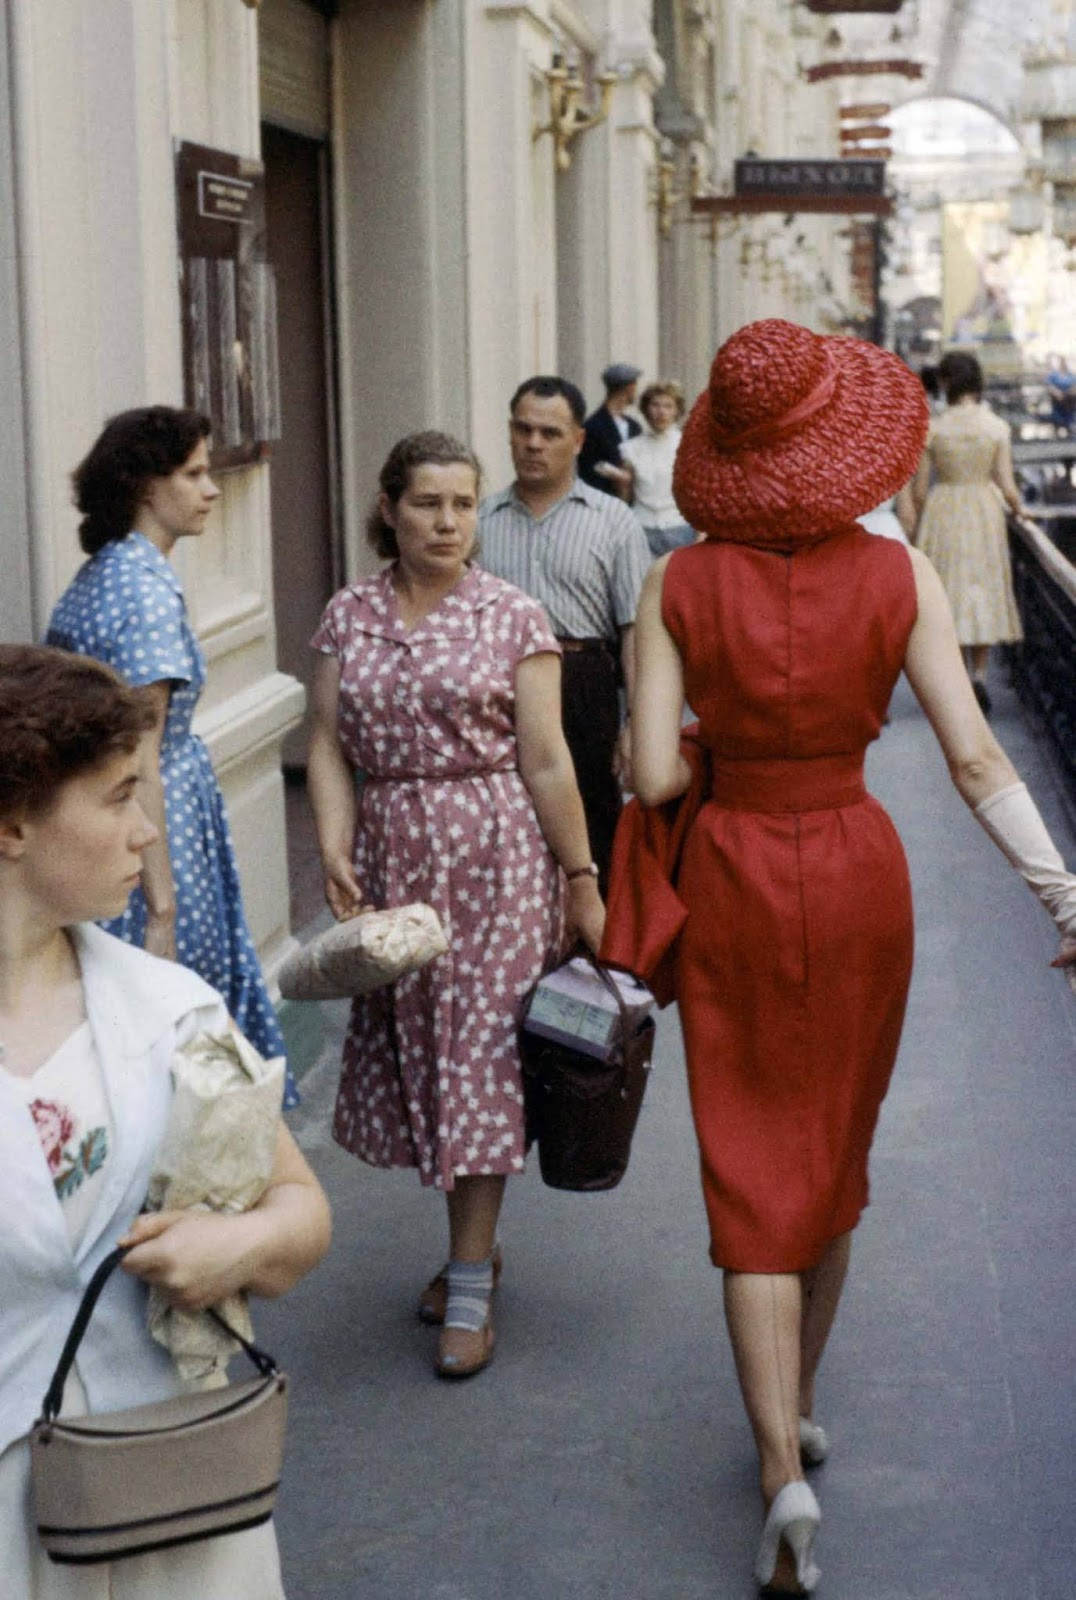 С торба, пълна с покупки за дома, съветската домакиня се сблъсква с Диор.